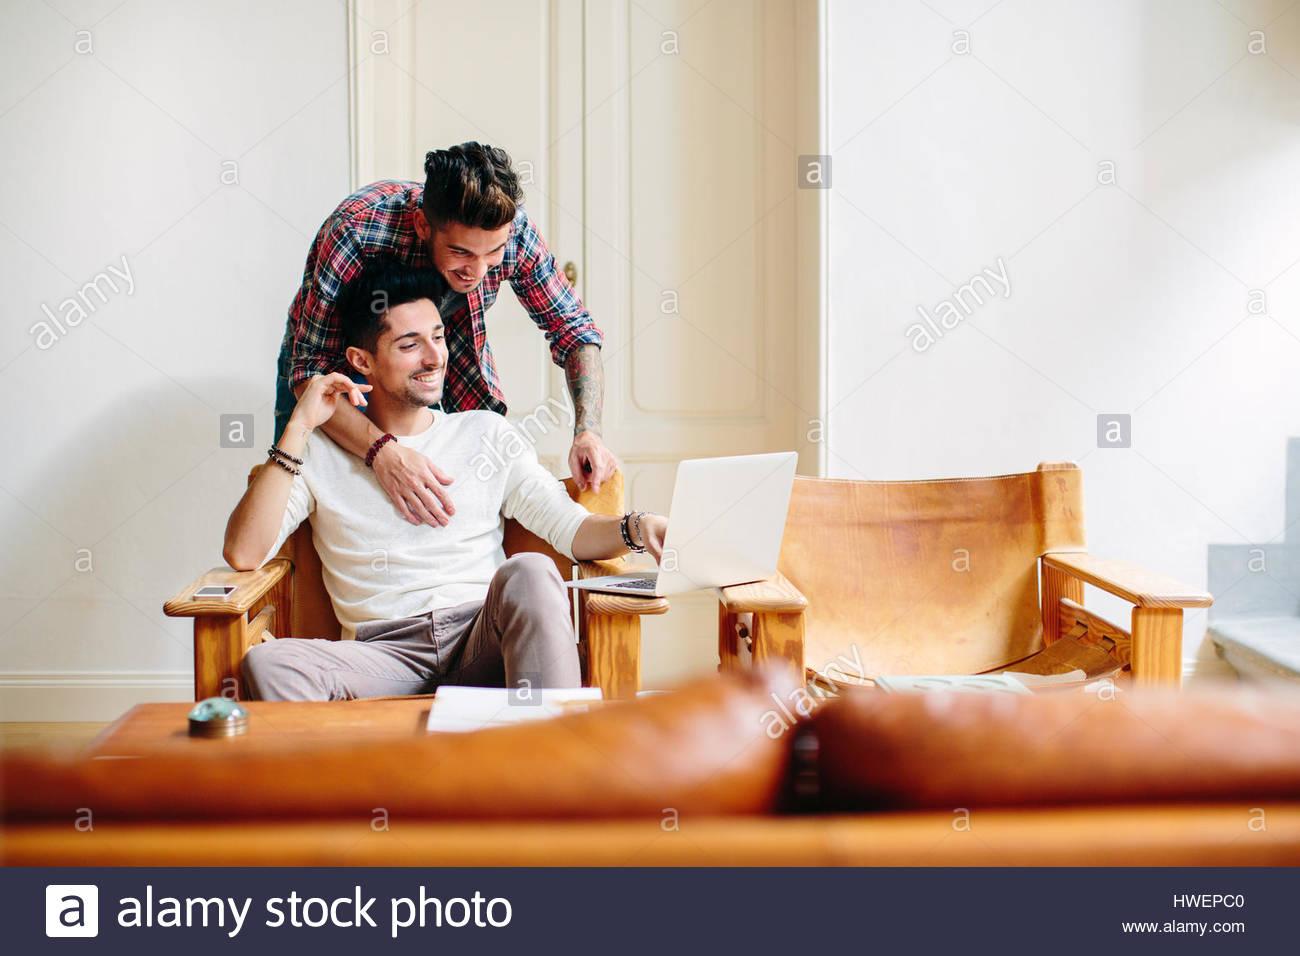 Junger Mann zu Hause sitzen auf Stuhl, mit Laptop, seine Partnerin umarmt ihn von hinten Stockbild